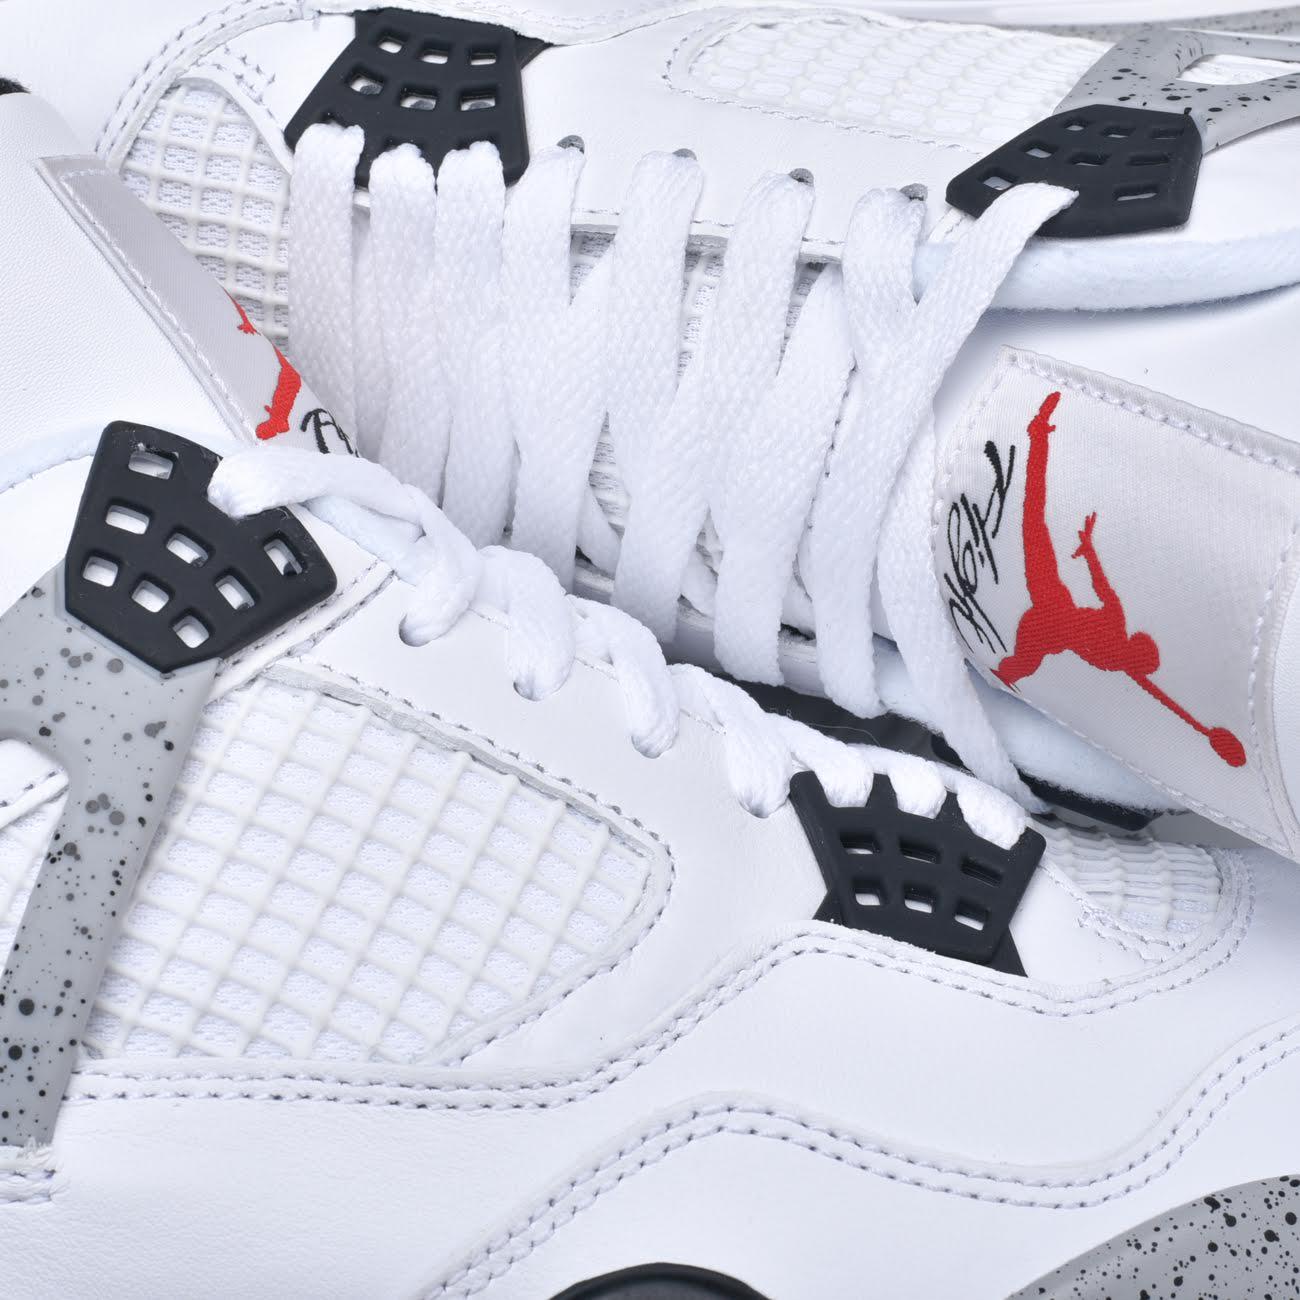 Nike Air Jordan 4 Retro Cemento Blanco 2016 Elección Presidencial mj6bW5nrf